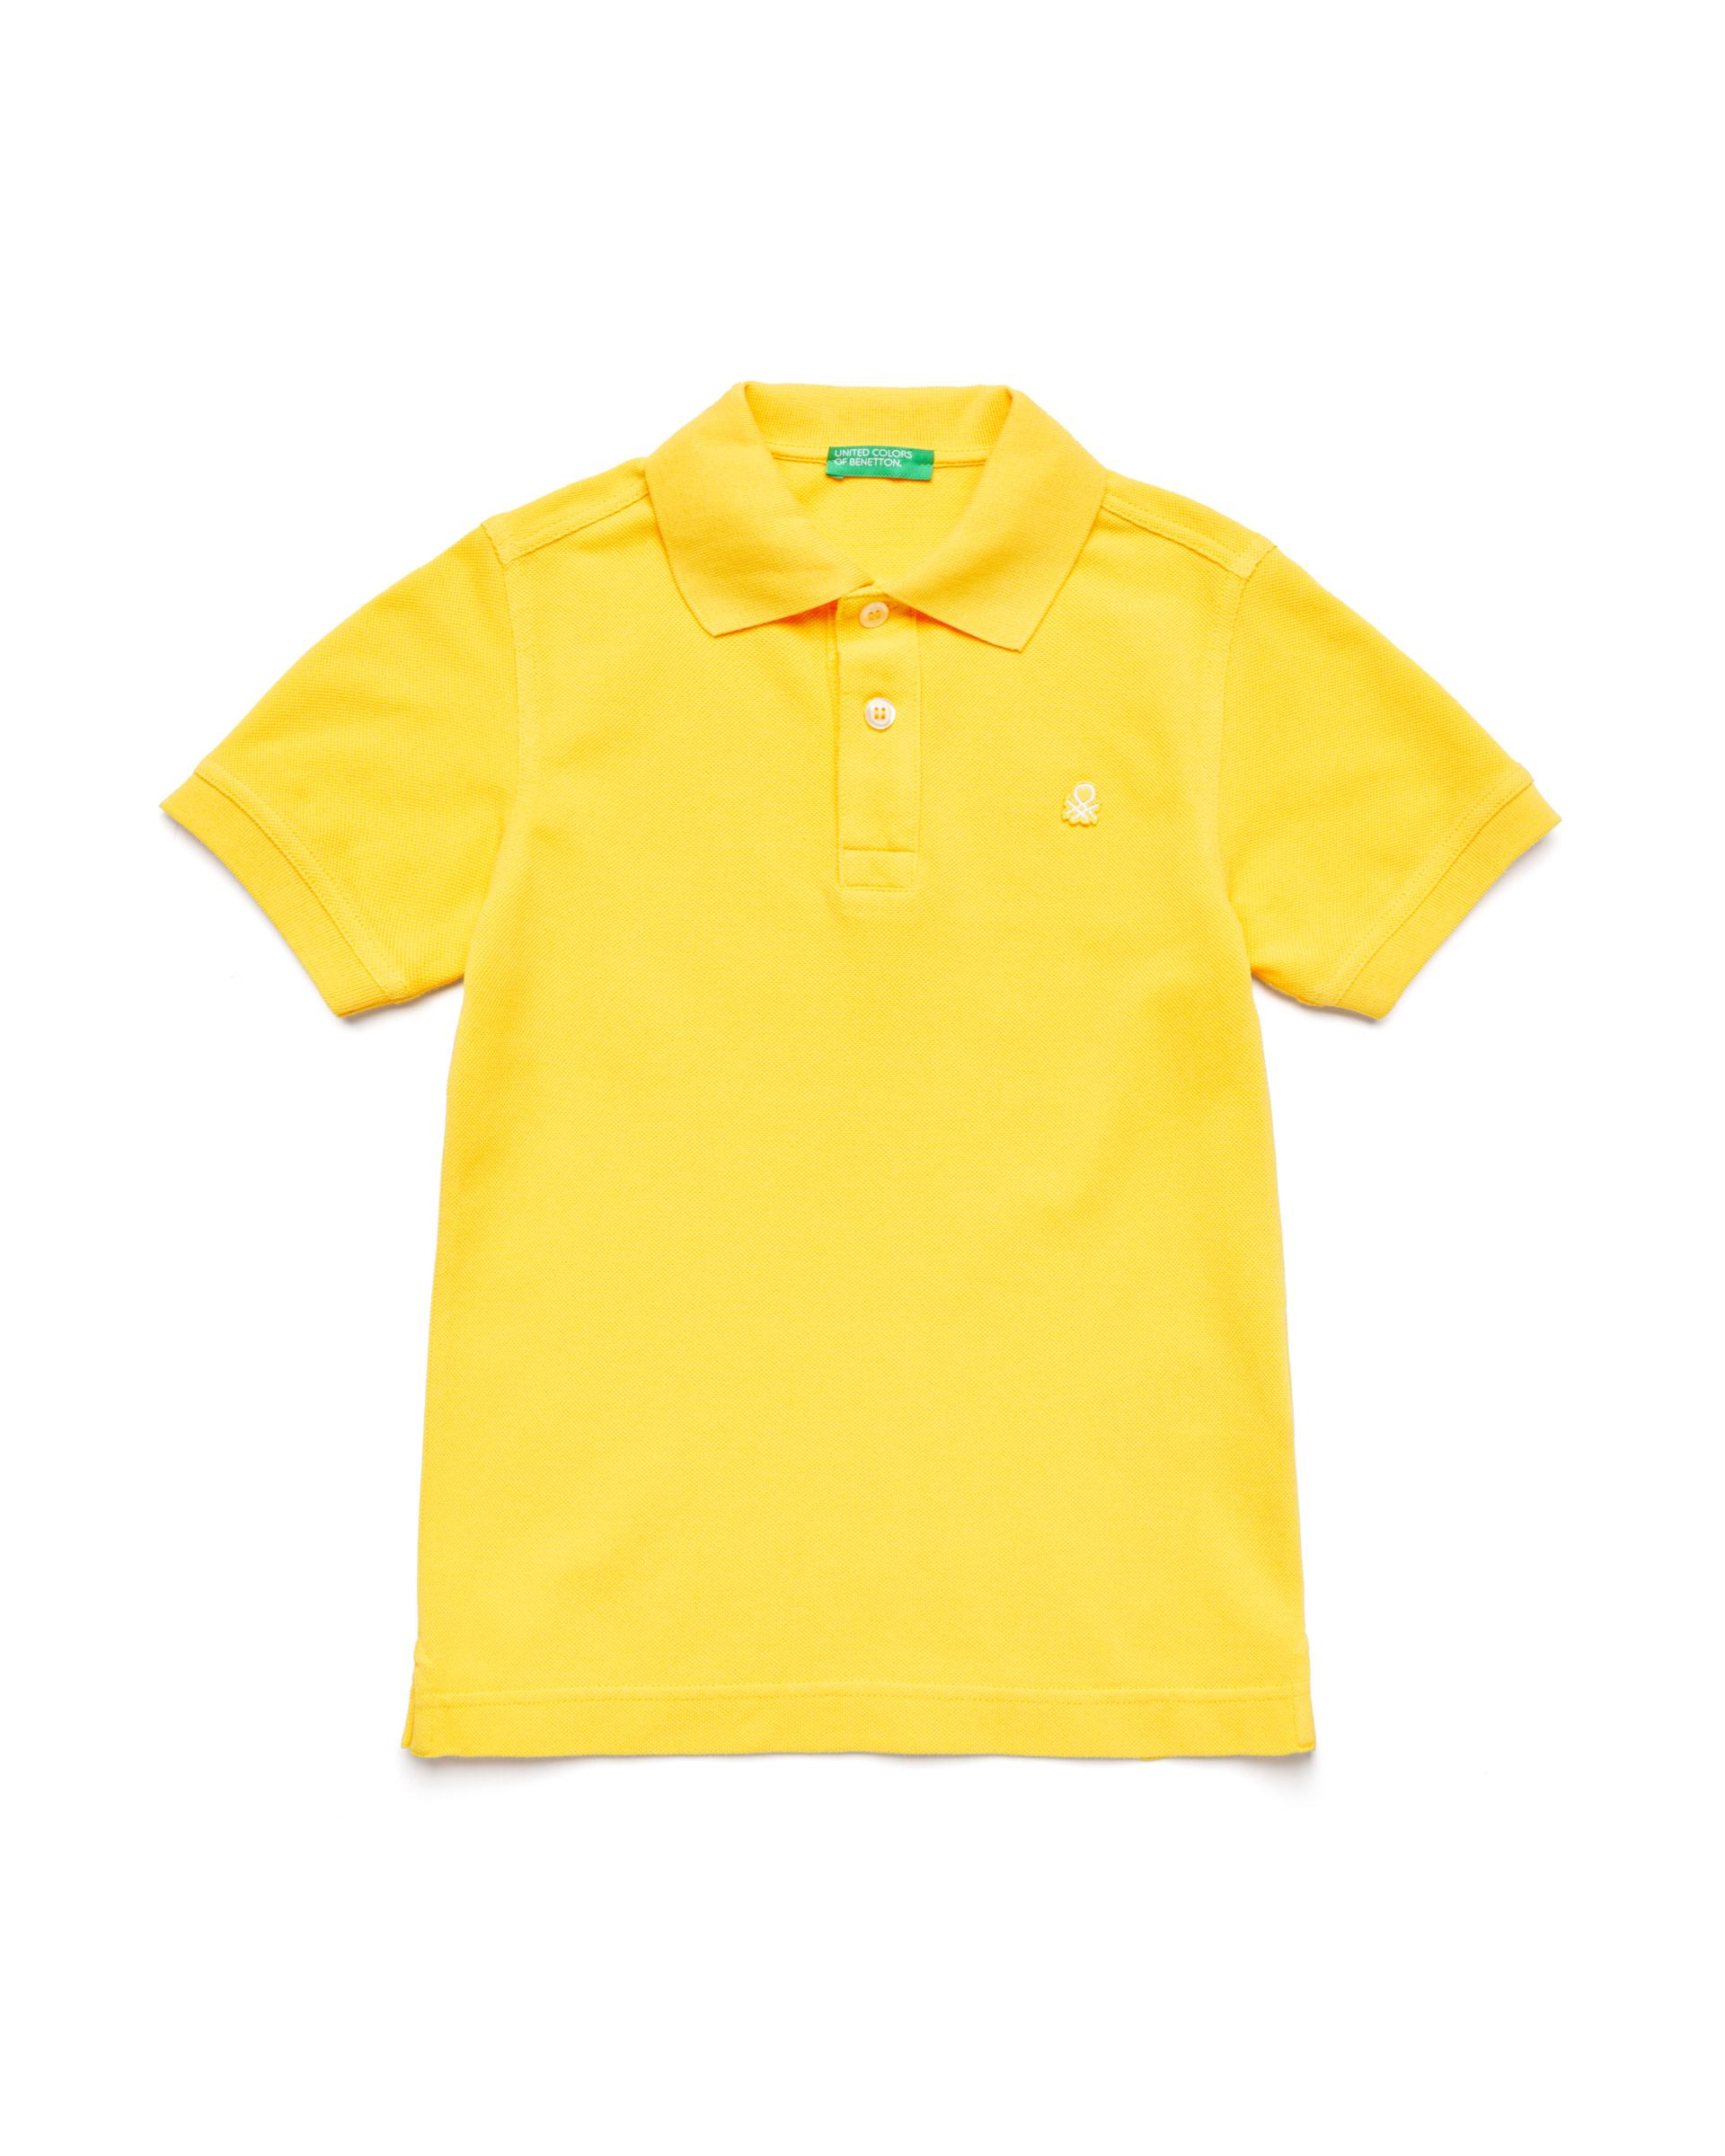 Купить 20P_3089C3091_3N7, Поло-пике для мальчиков Benetton 3089C3091_3N7 р-р 92, United Colors of Benetton, Кофточки, футболки для новорожденных